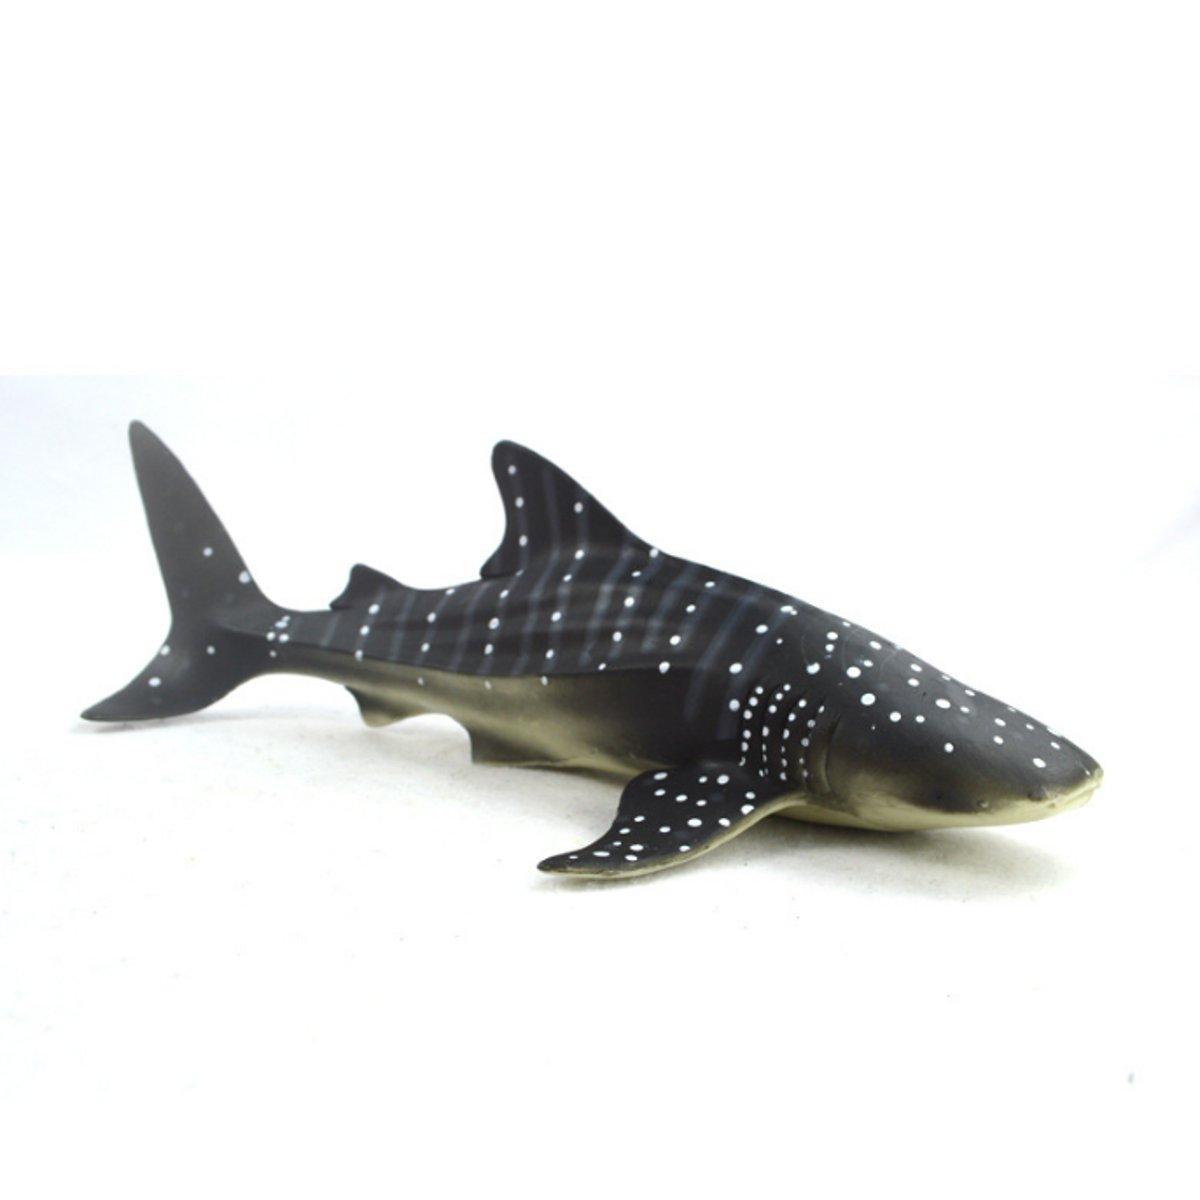 En küçük köpek balığı kaç cm